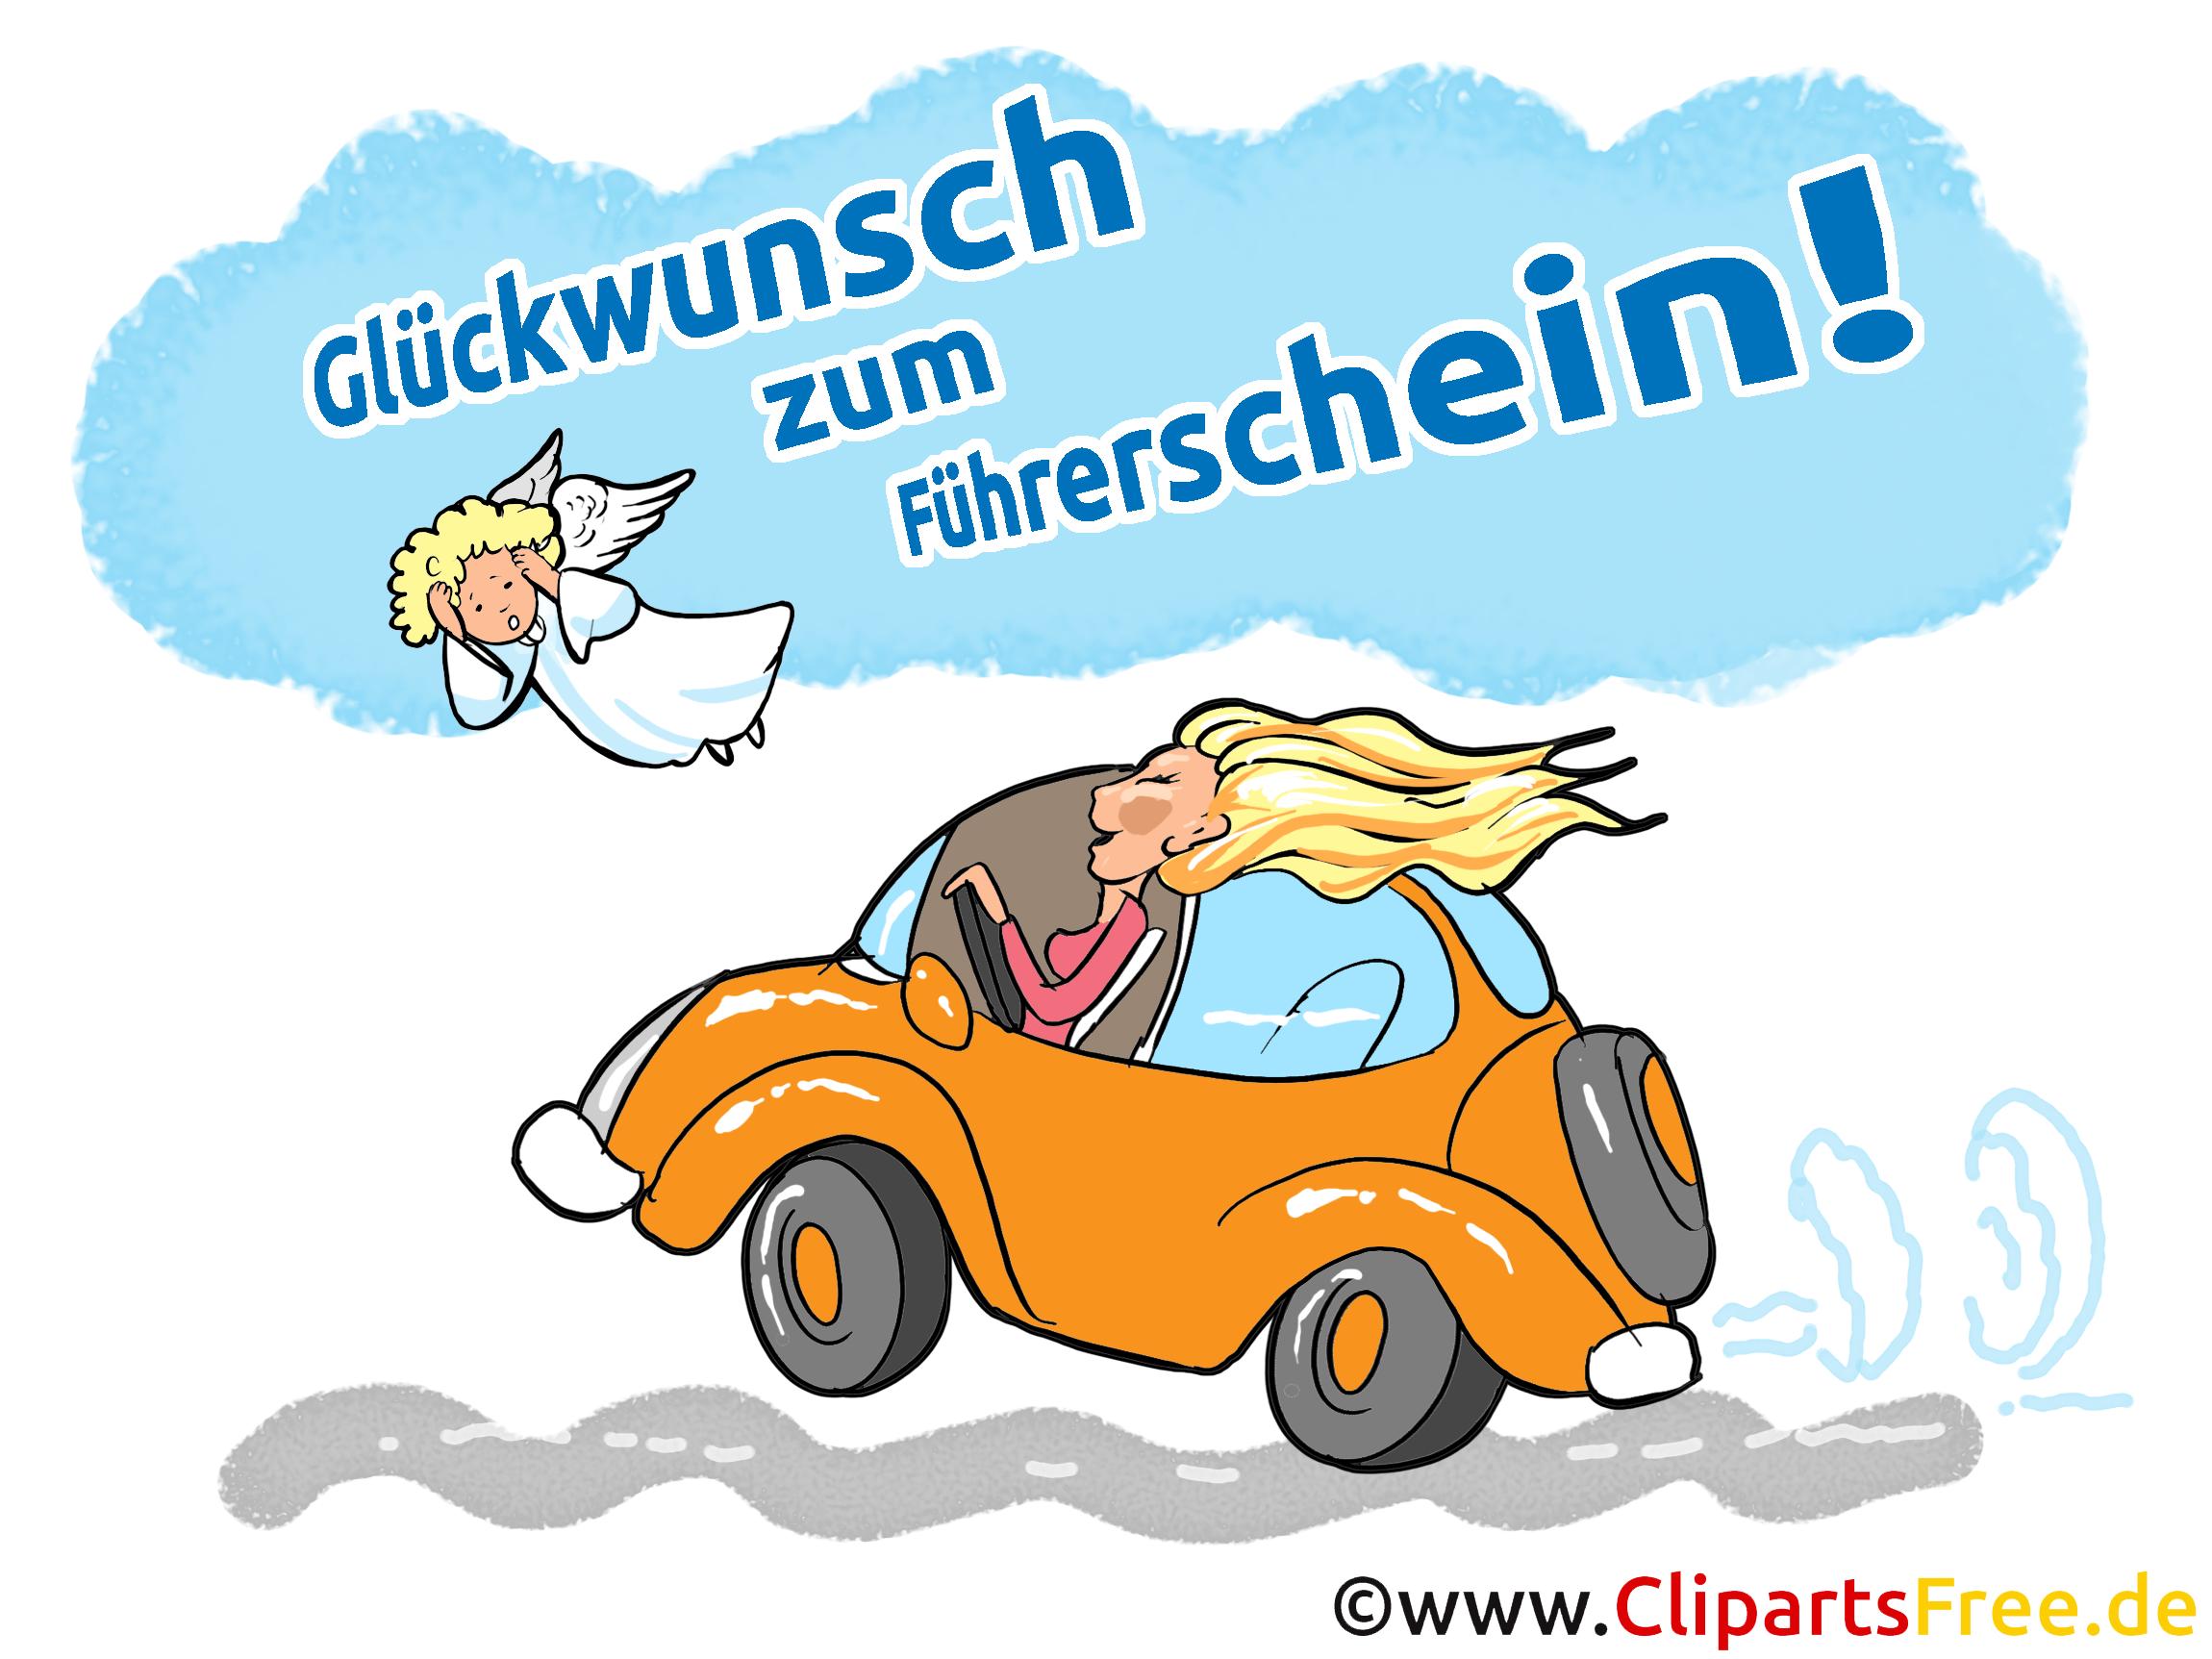 Führerschein gratulieren